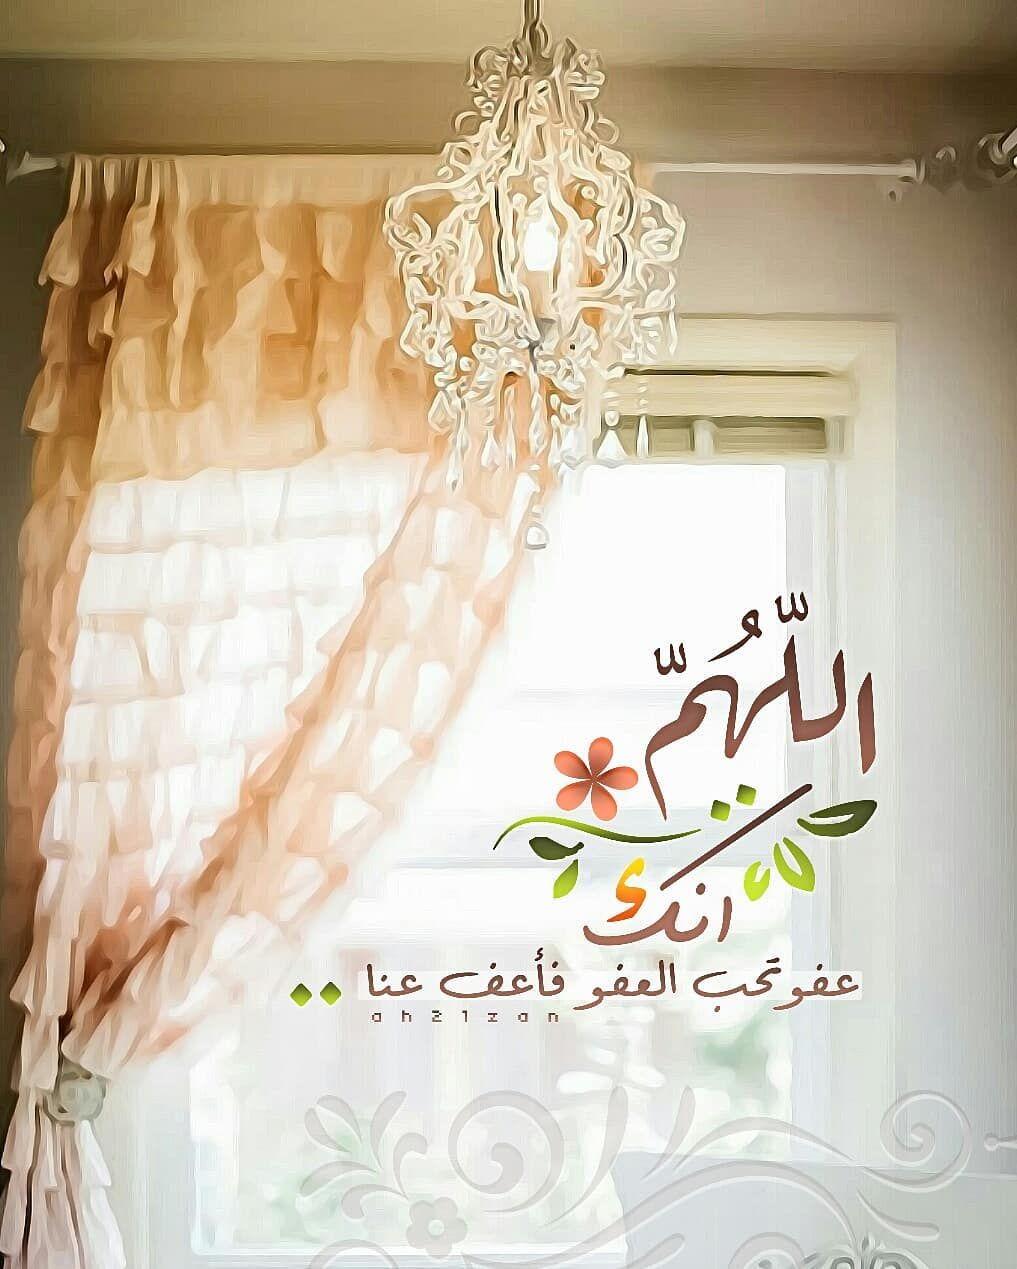 اذ ڪر و ا ال ل هـ On Instagram اللهم انك عفو تحب العفو فاعف عنا تصميمي صدقة لأخي دعاء Ramadan Home Decor Decals Home Decor